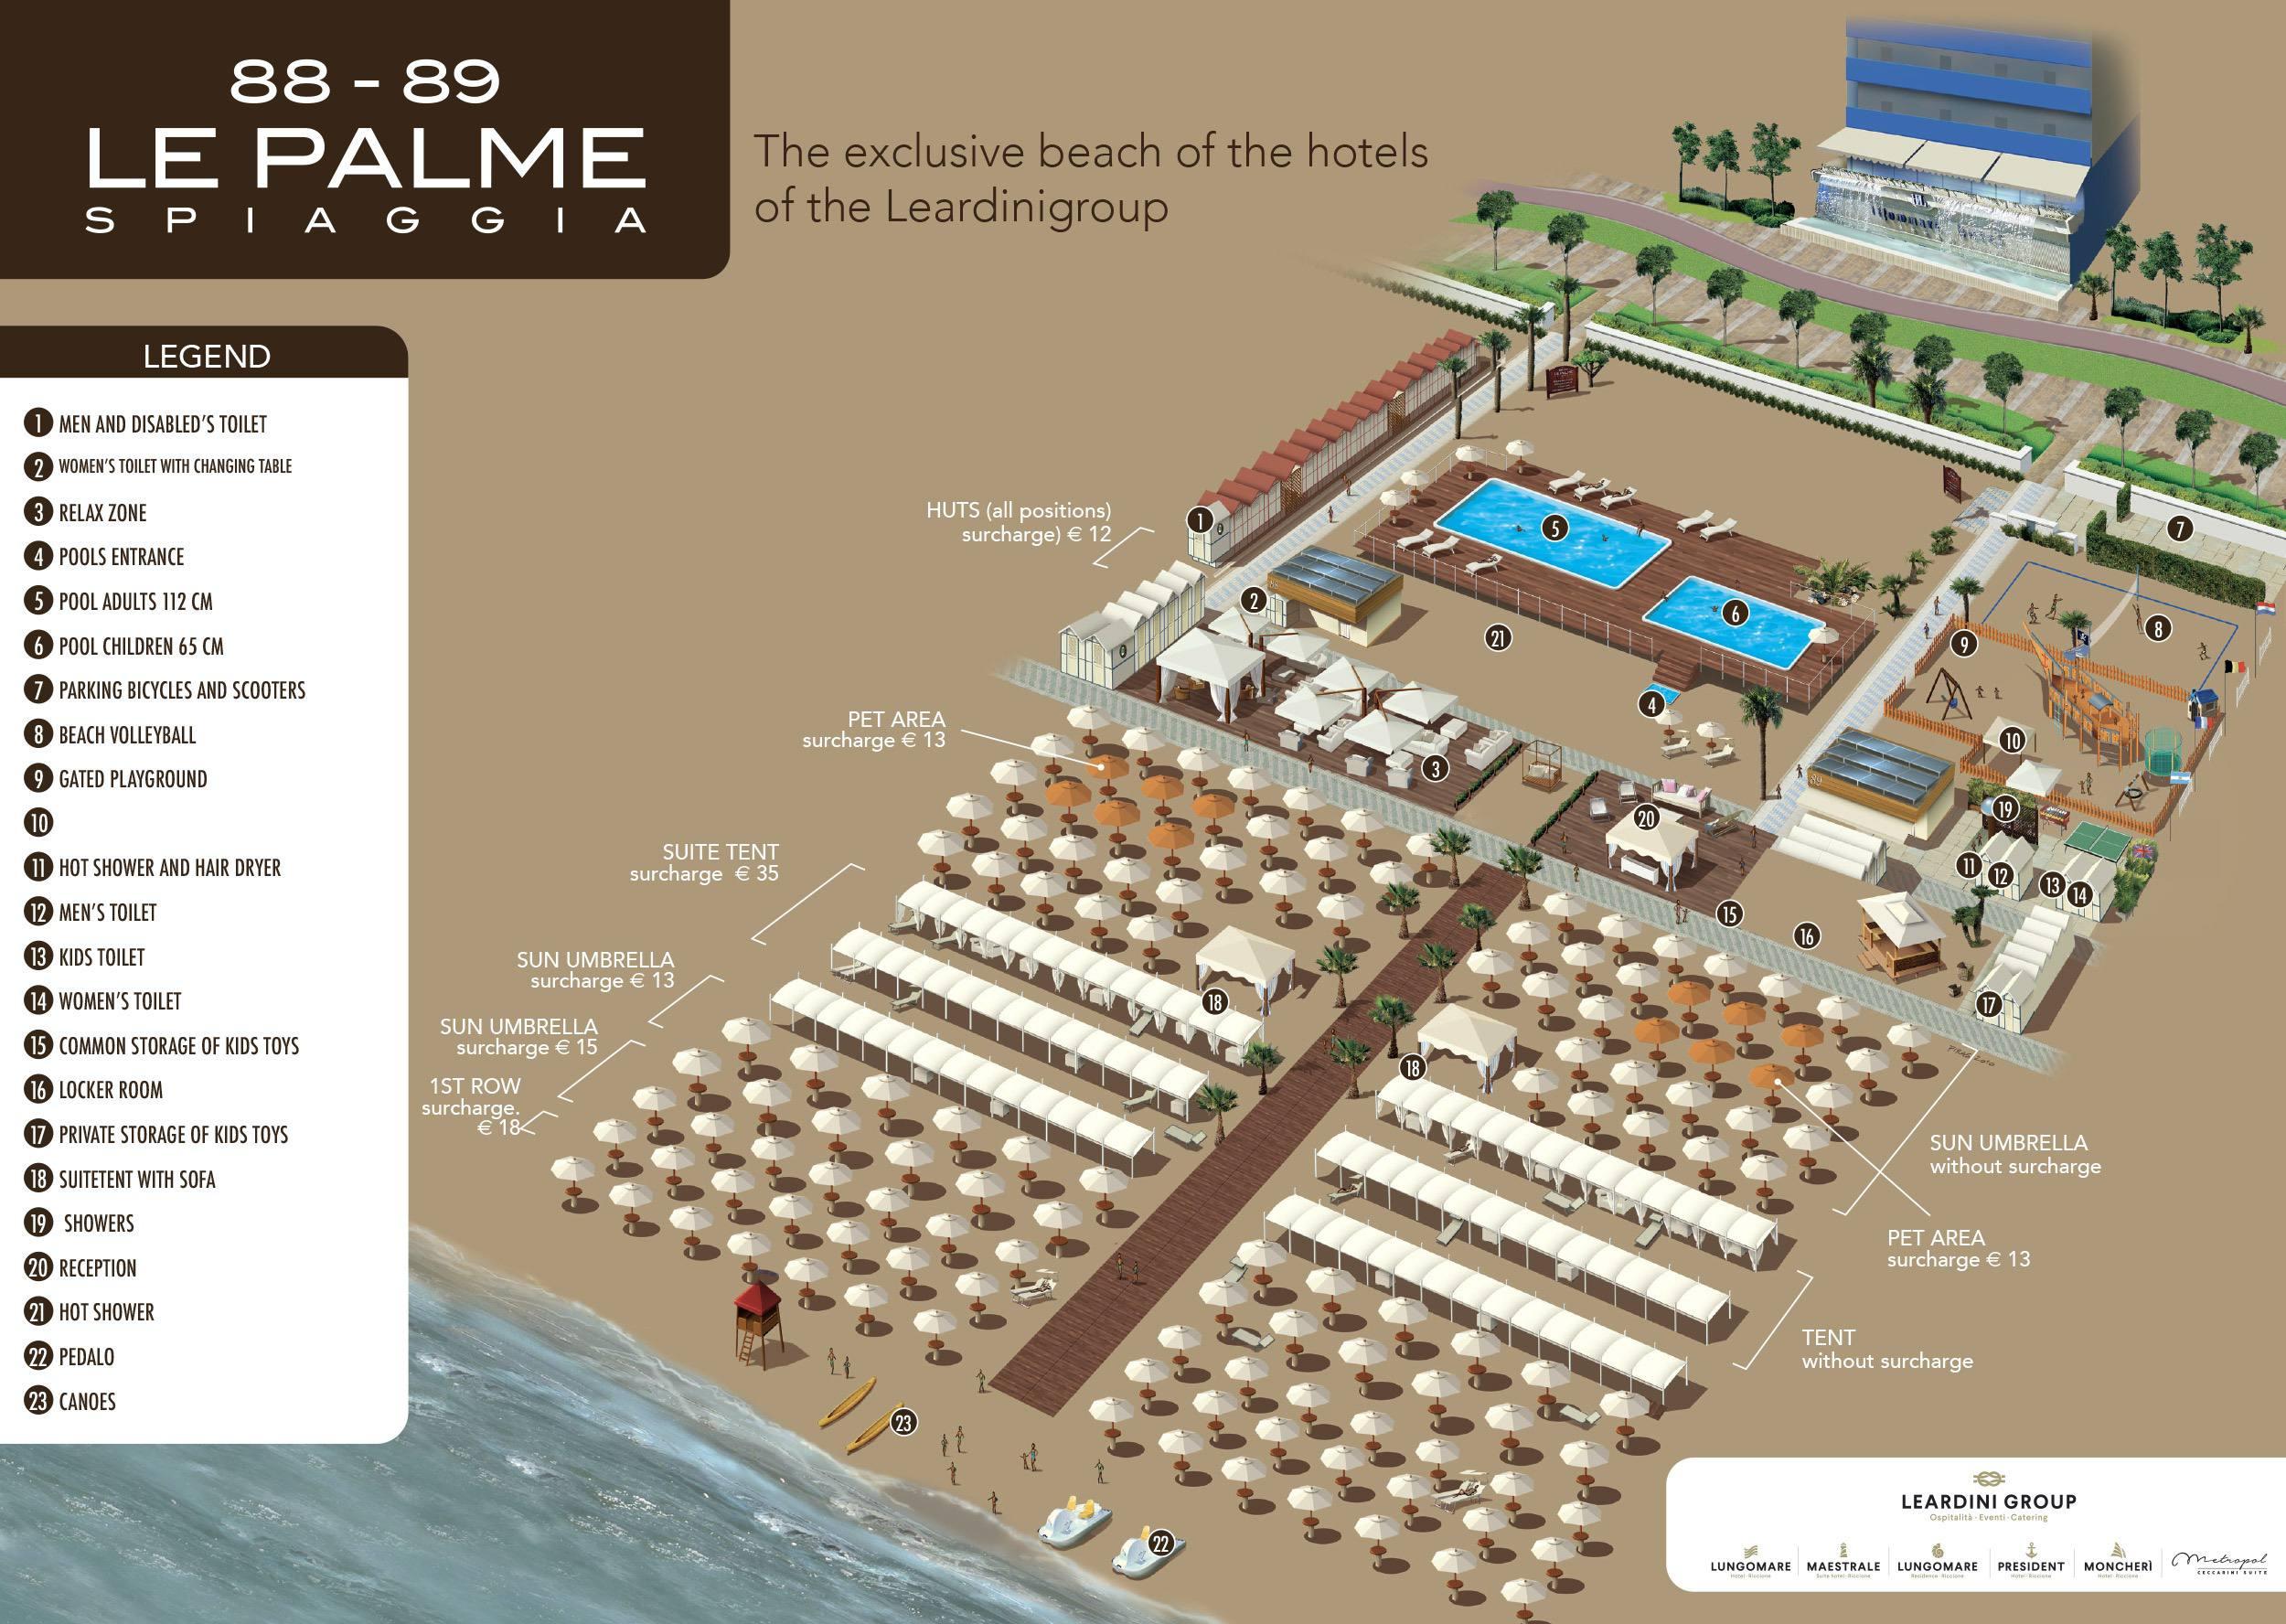 Spiaggia Le Palme 88-89 Riccione